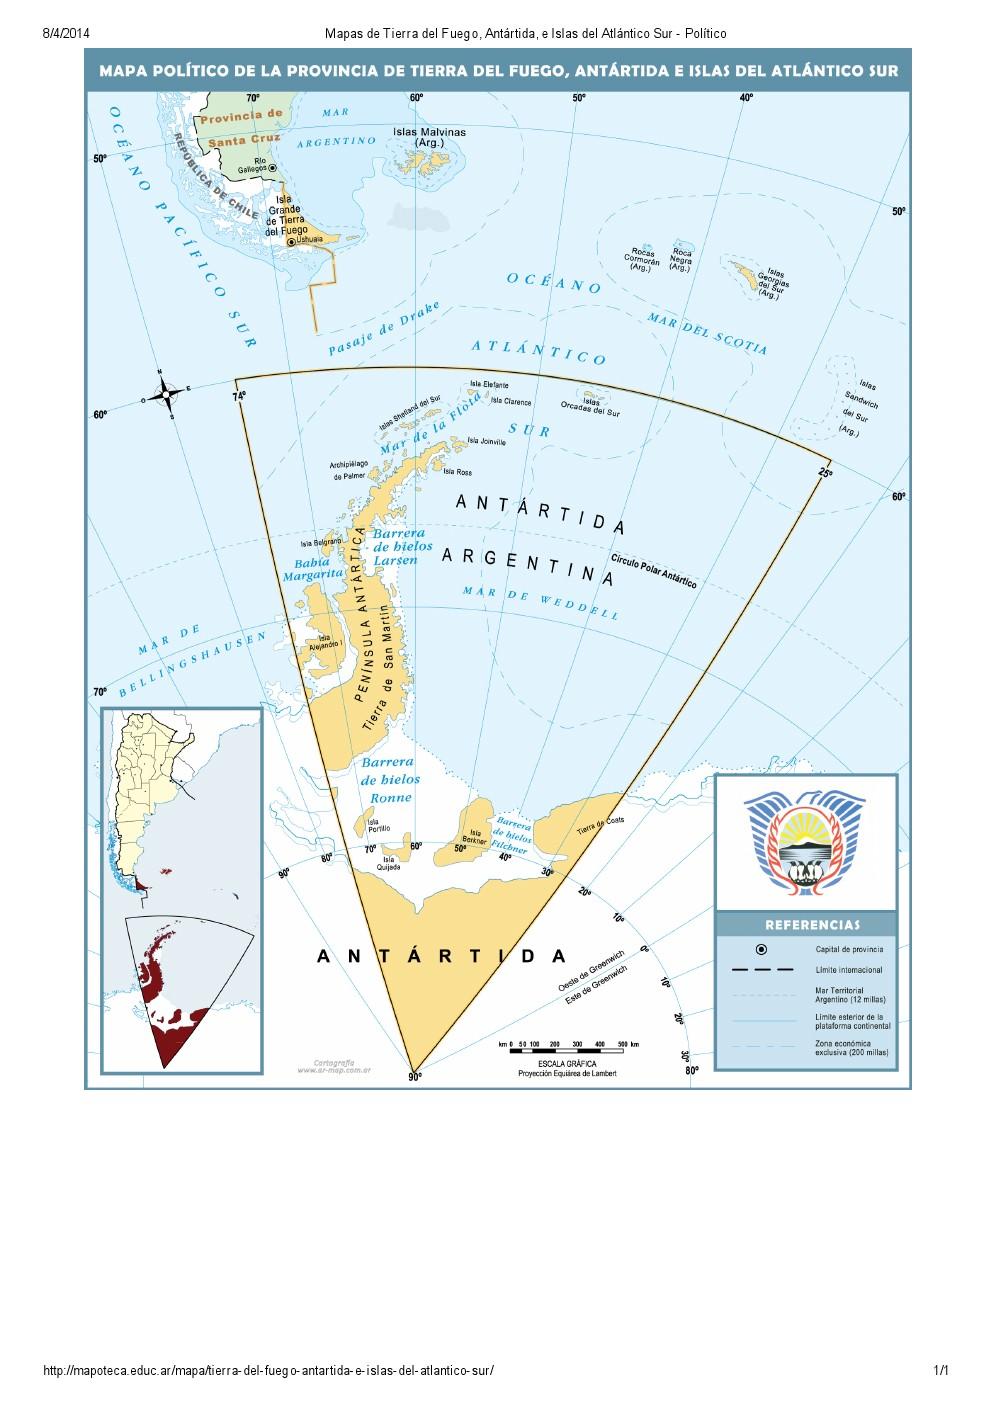 Mapa de capitales de Tierra del Fuego, Antártida e Islas del Atlántico Sur. Mapoteca de Educ.ar